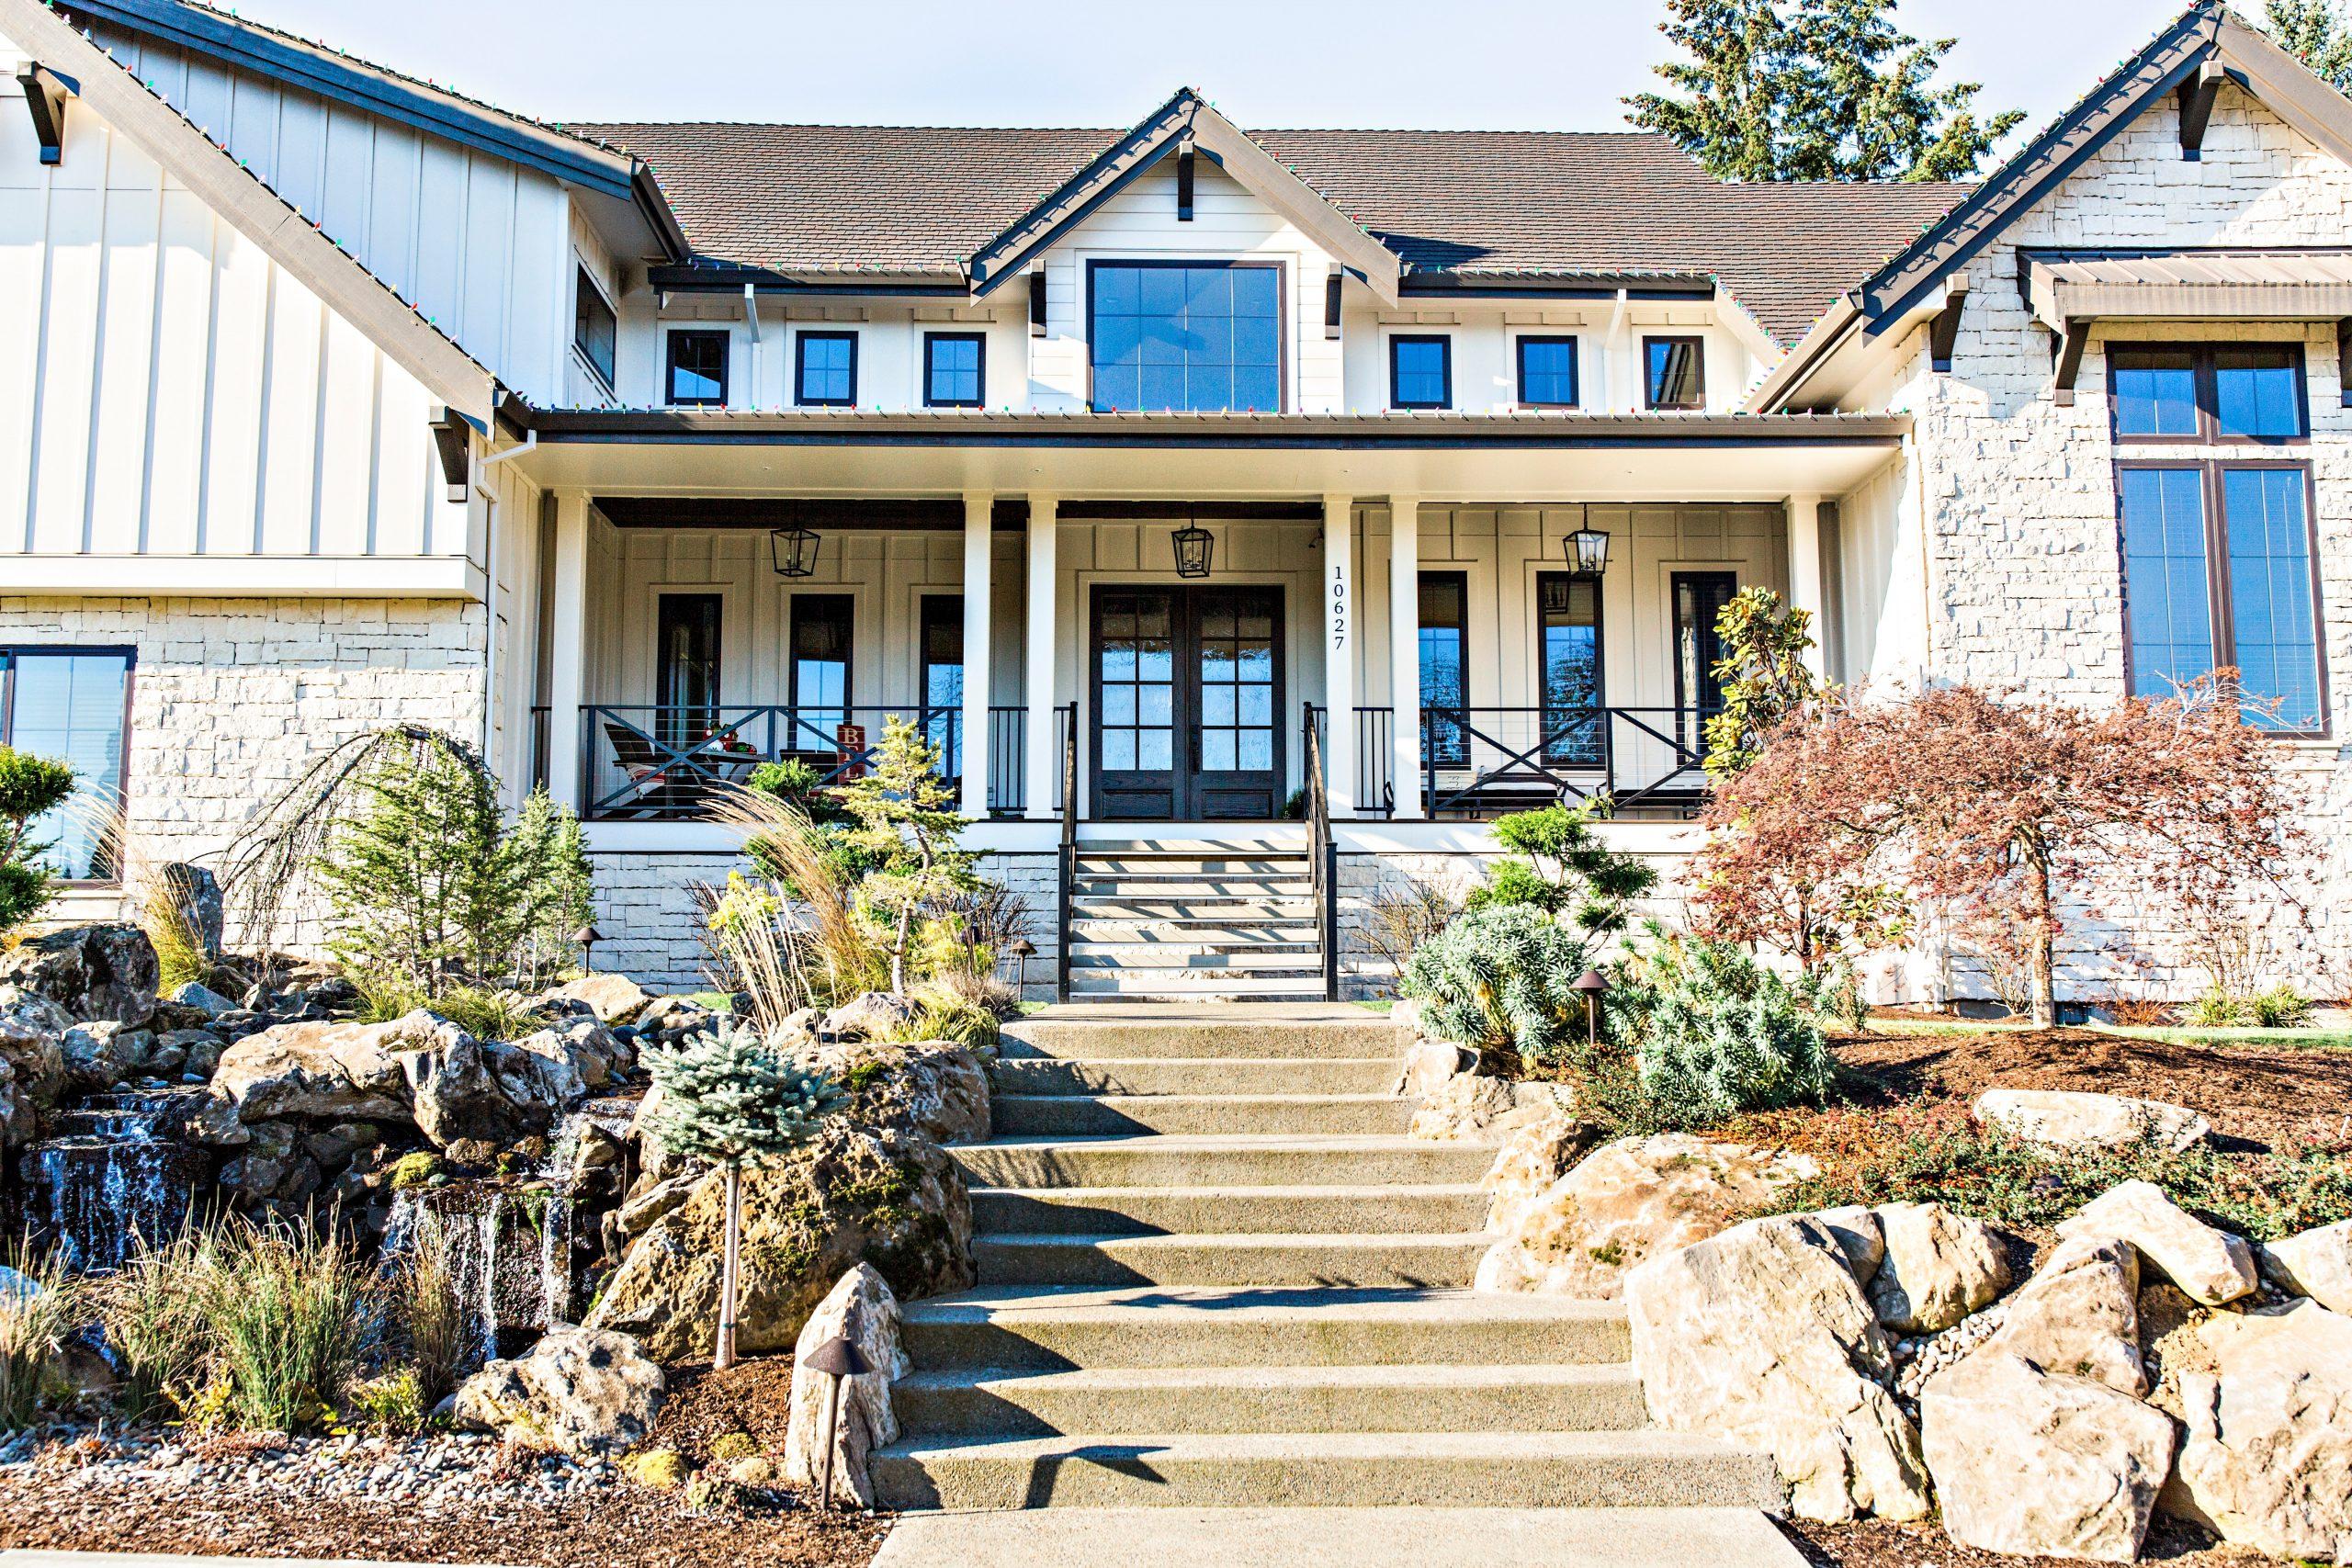 Comment se passe un achat immobilier? 4